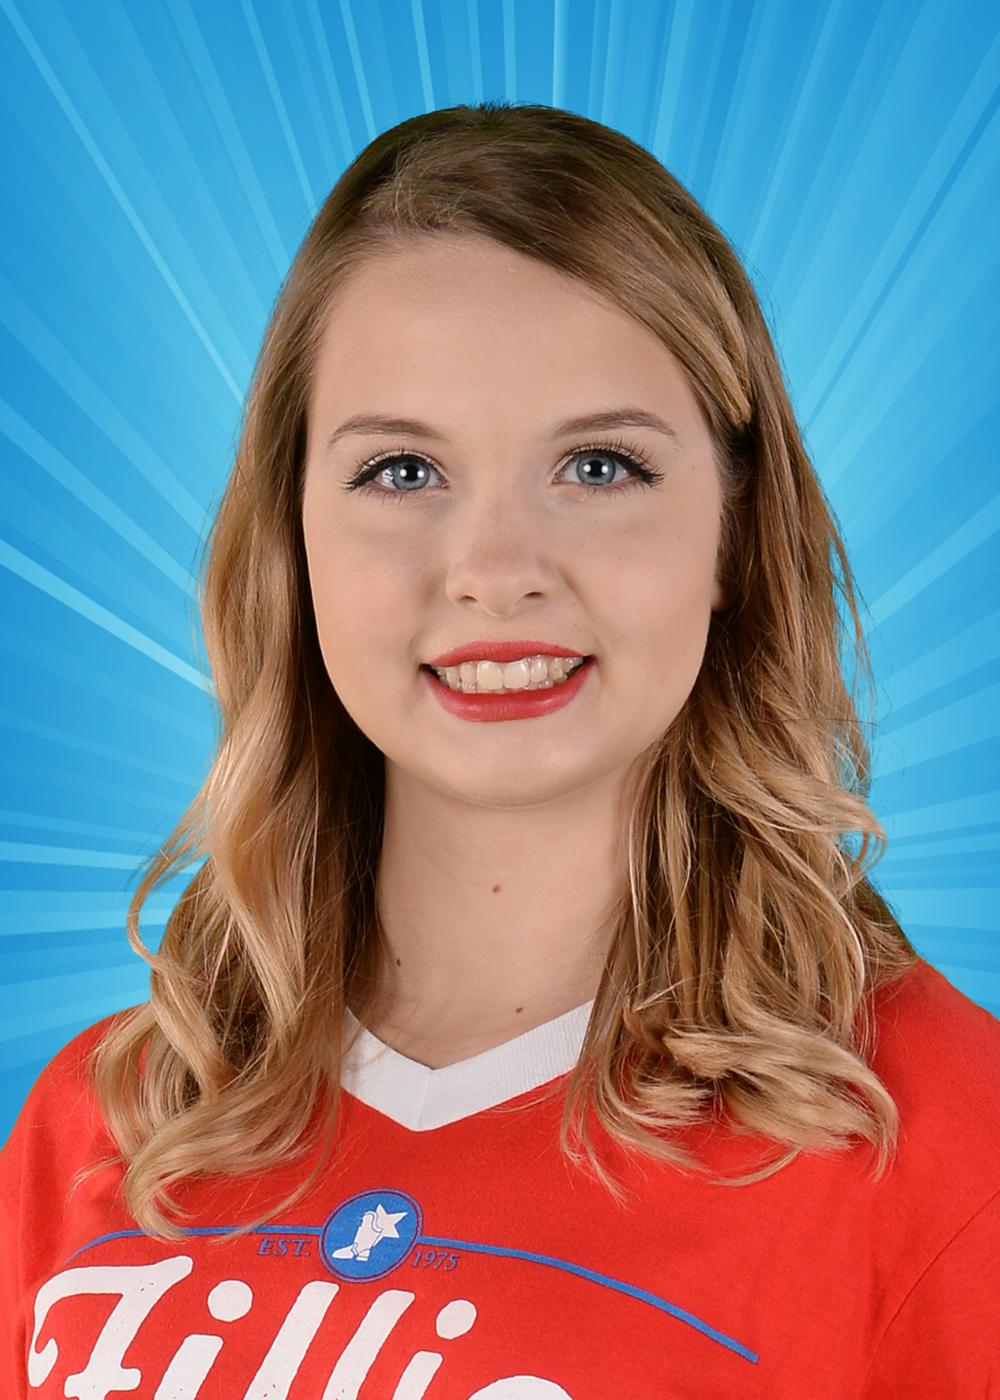 Maddie Rainey